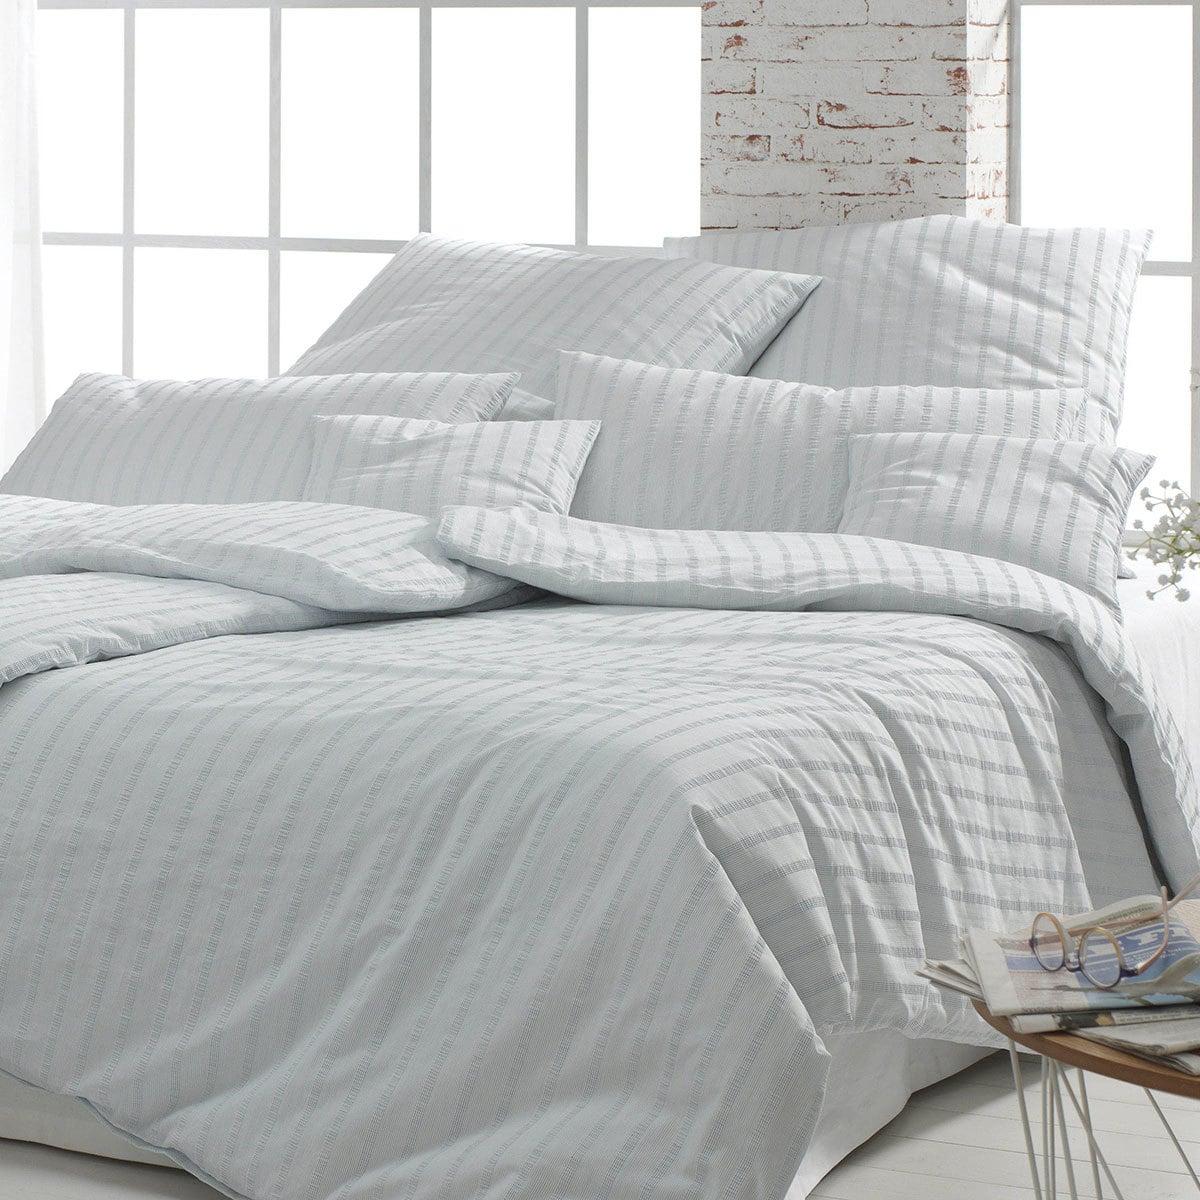 Elegante Seersucker Bettwäsche Campden Denim Günstig Online Kaufen